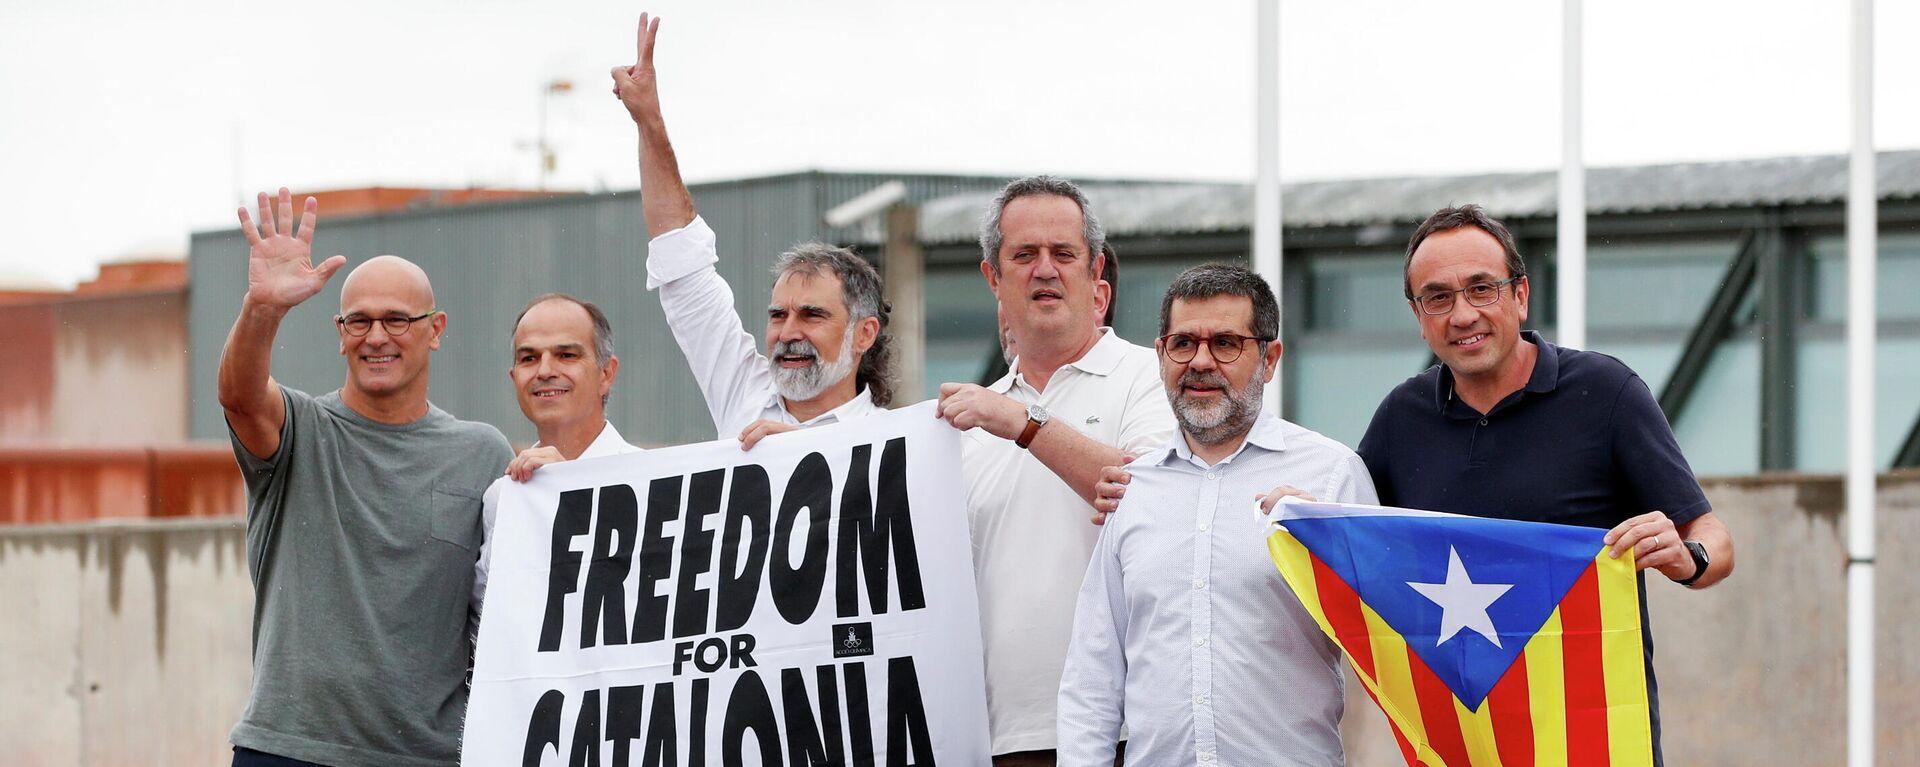 Los independentistas catalanes indultados - Sputnik Mundo, 1920, 23.06.2021